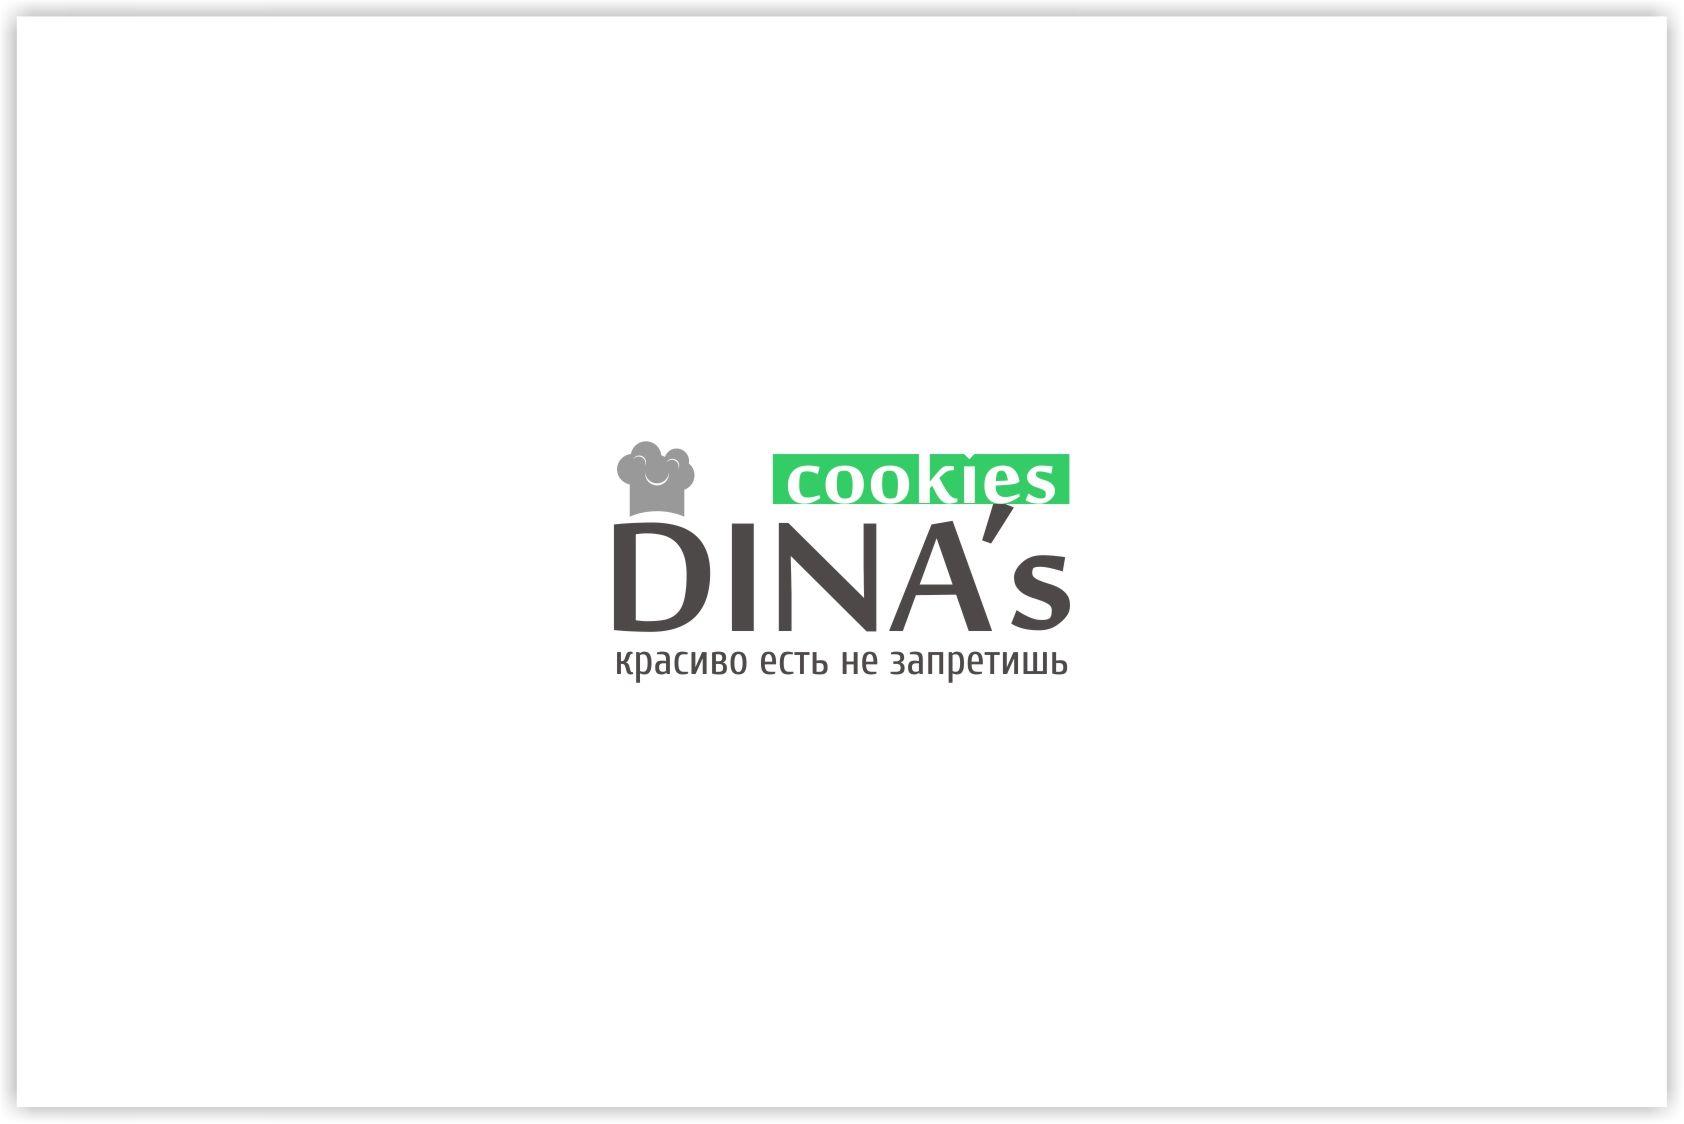 Лого для кондитерских изделий DINA's - дизайнер malito